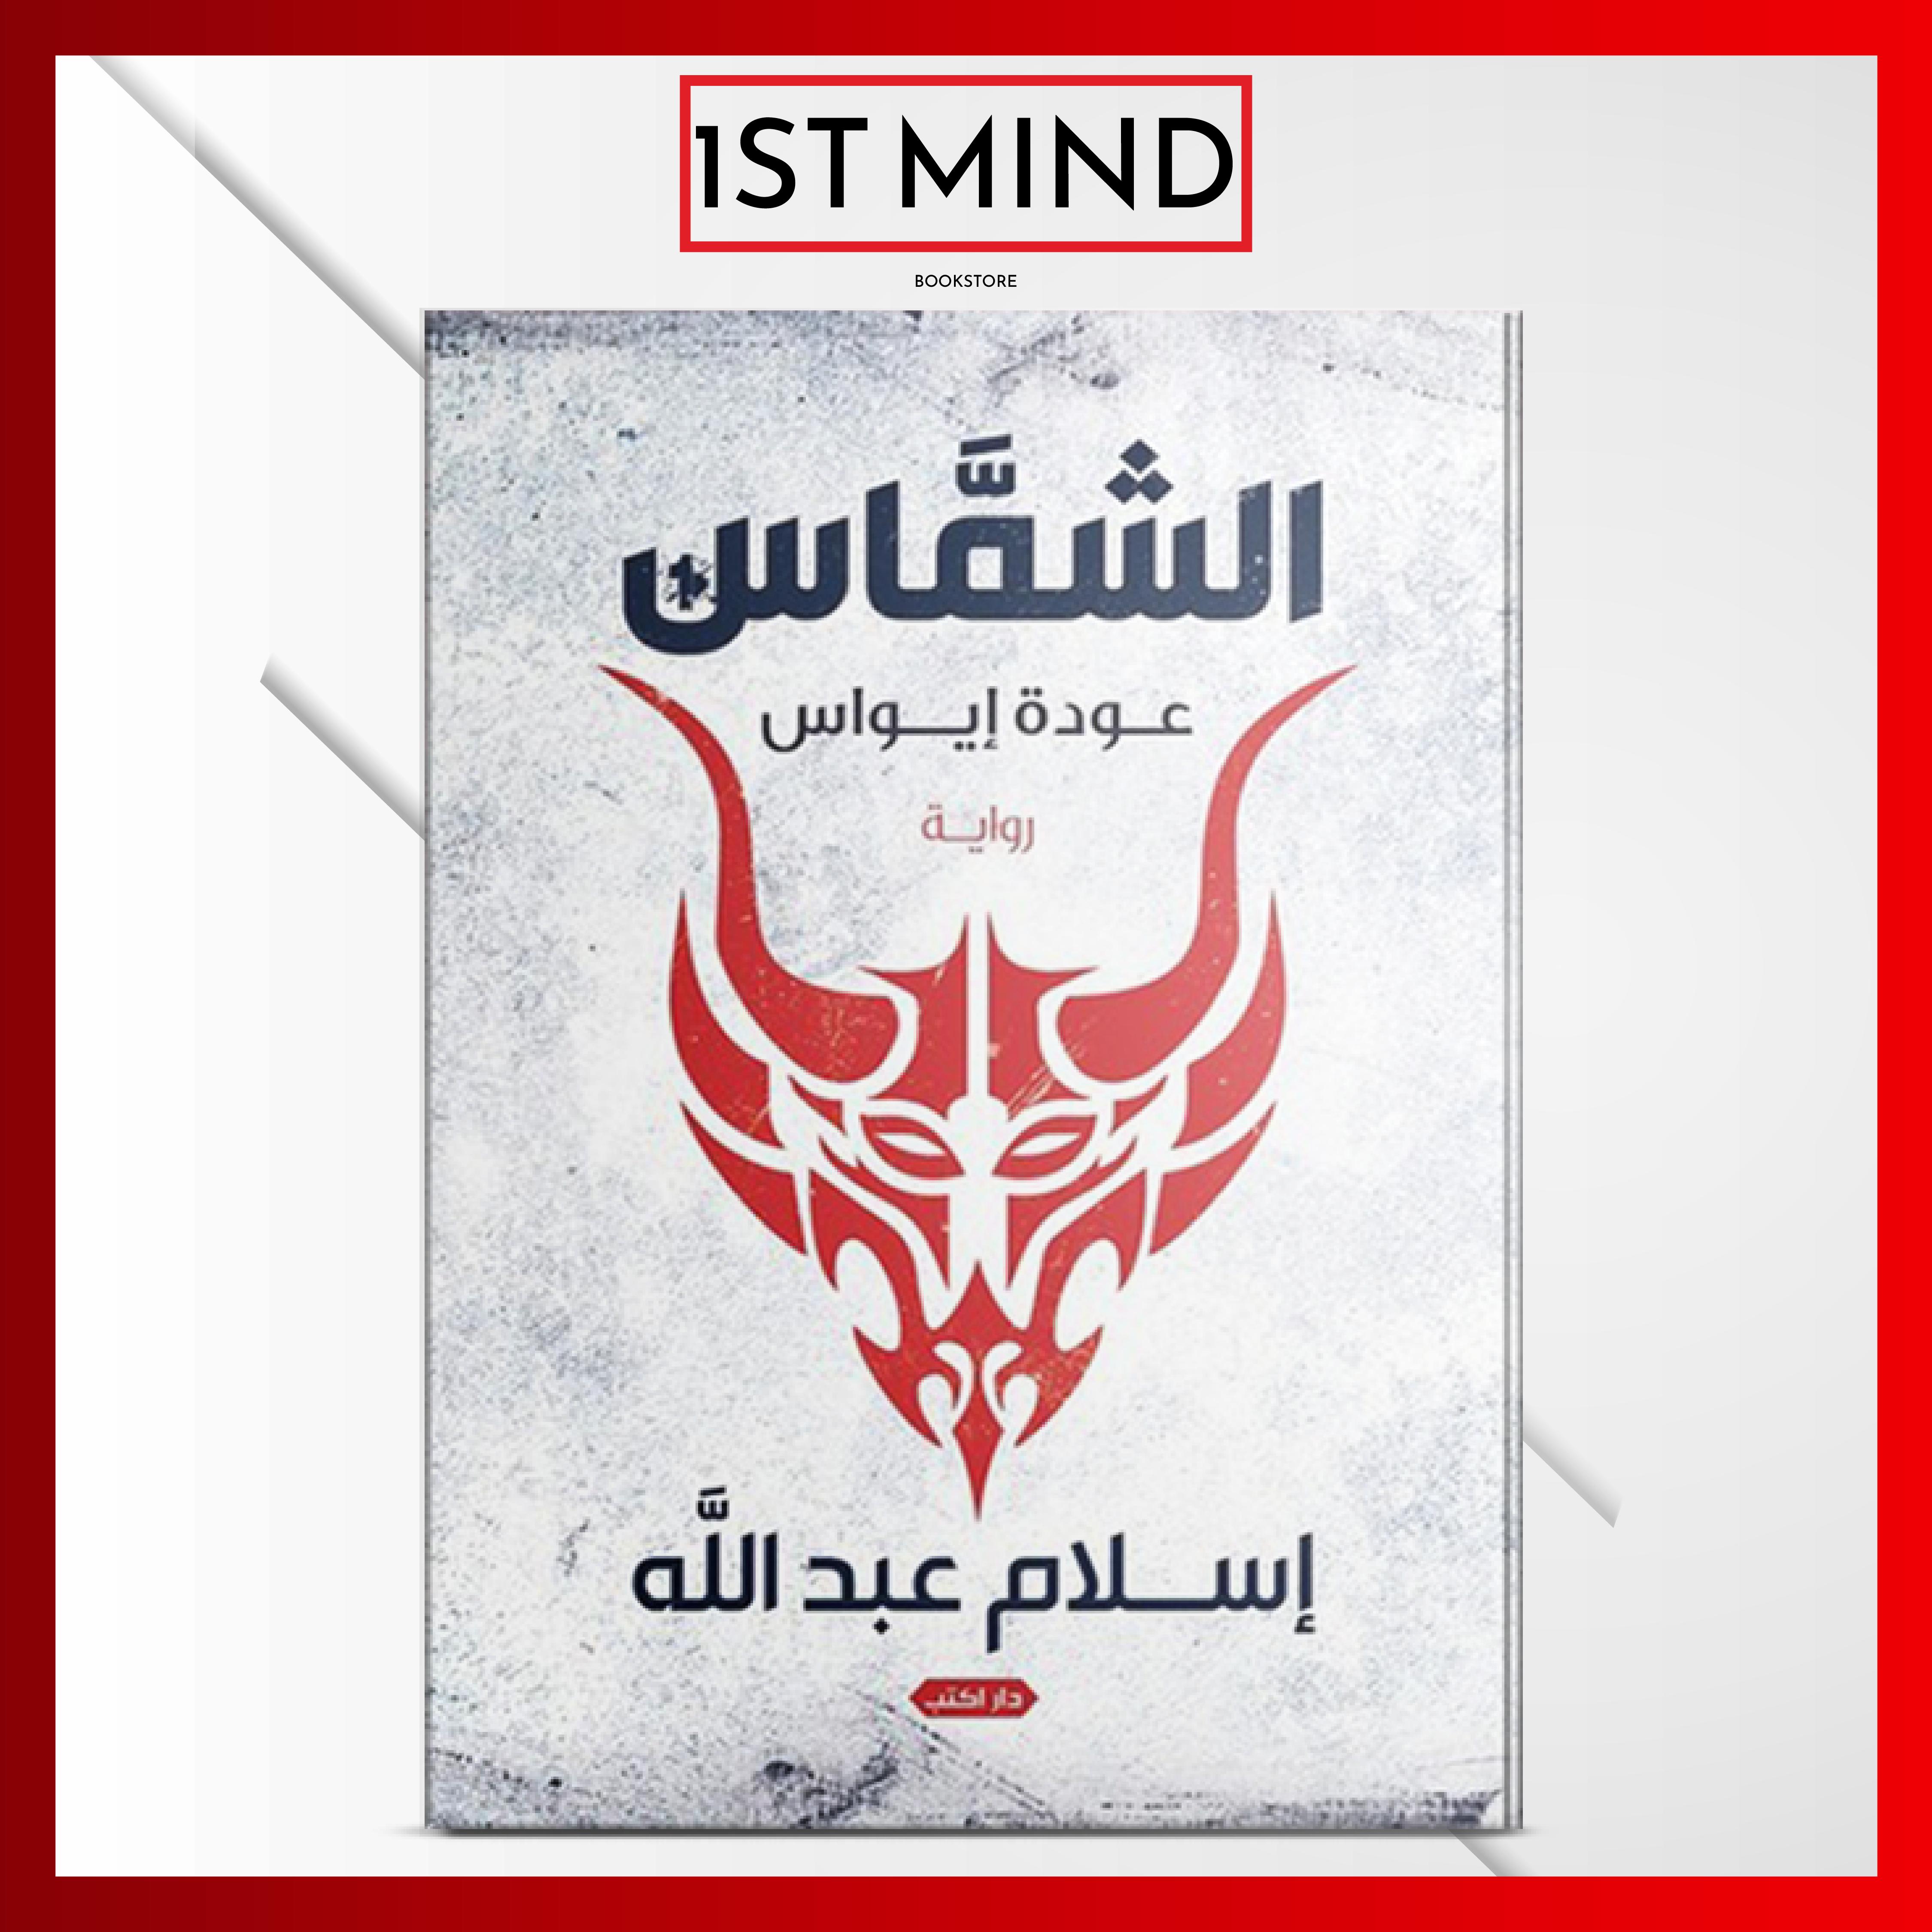 الشماس Bookstore Convenience Store Products Mindfulness